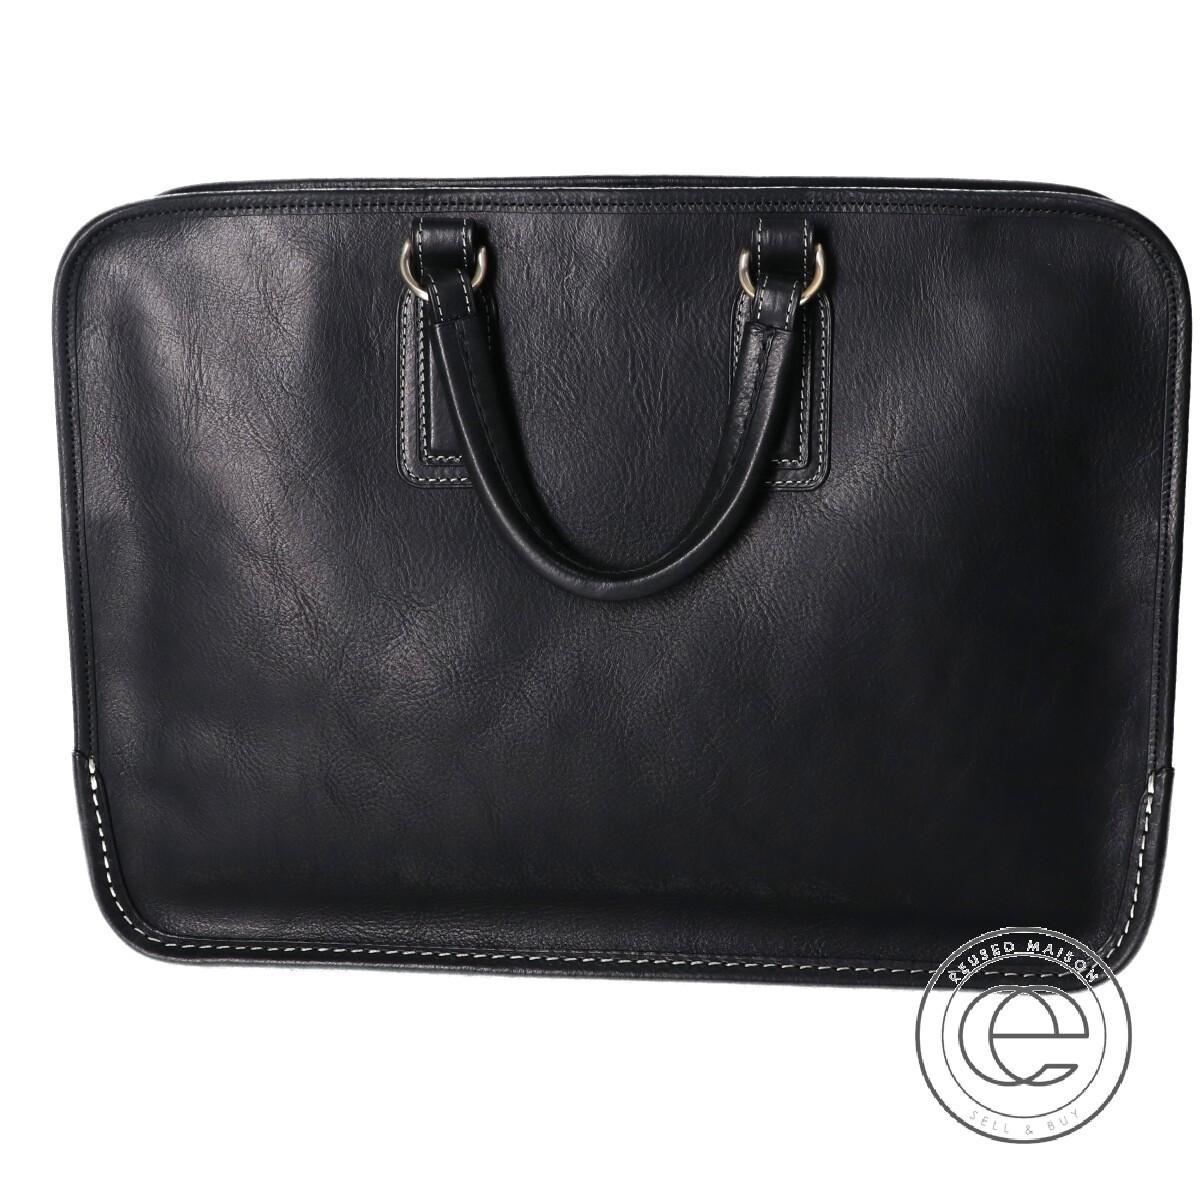 専門店 土屋鞄 URBANO ウルバーノ アーバン ブリーフケース 本店 中古 ブラック メンズ